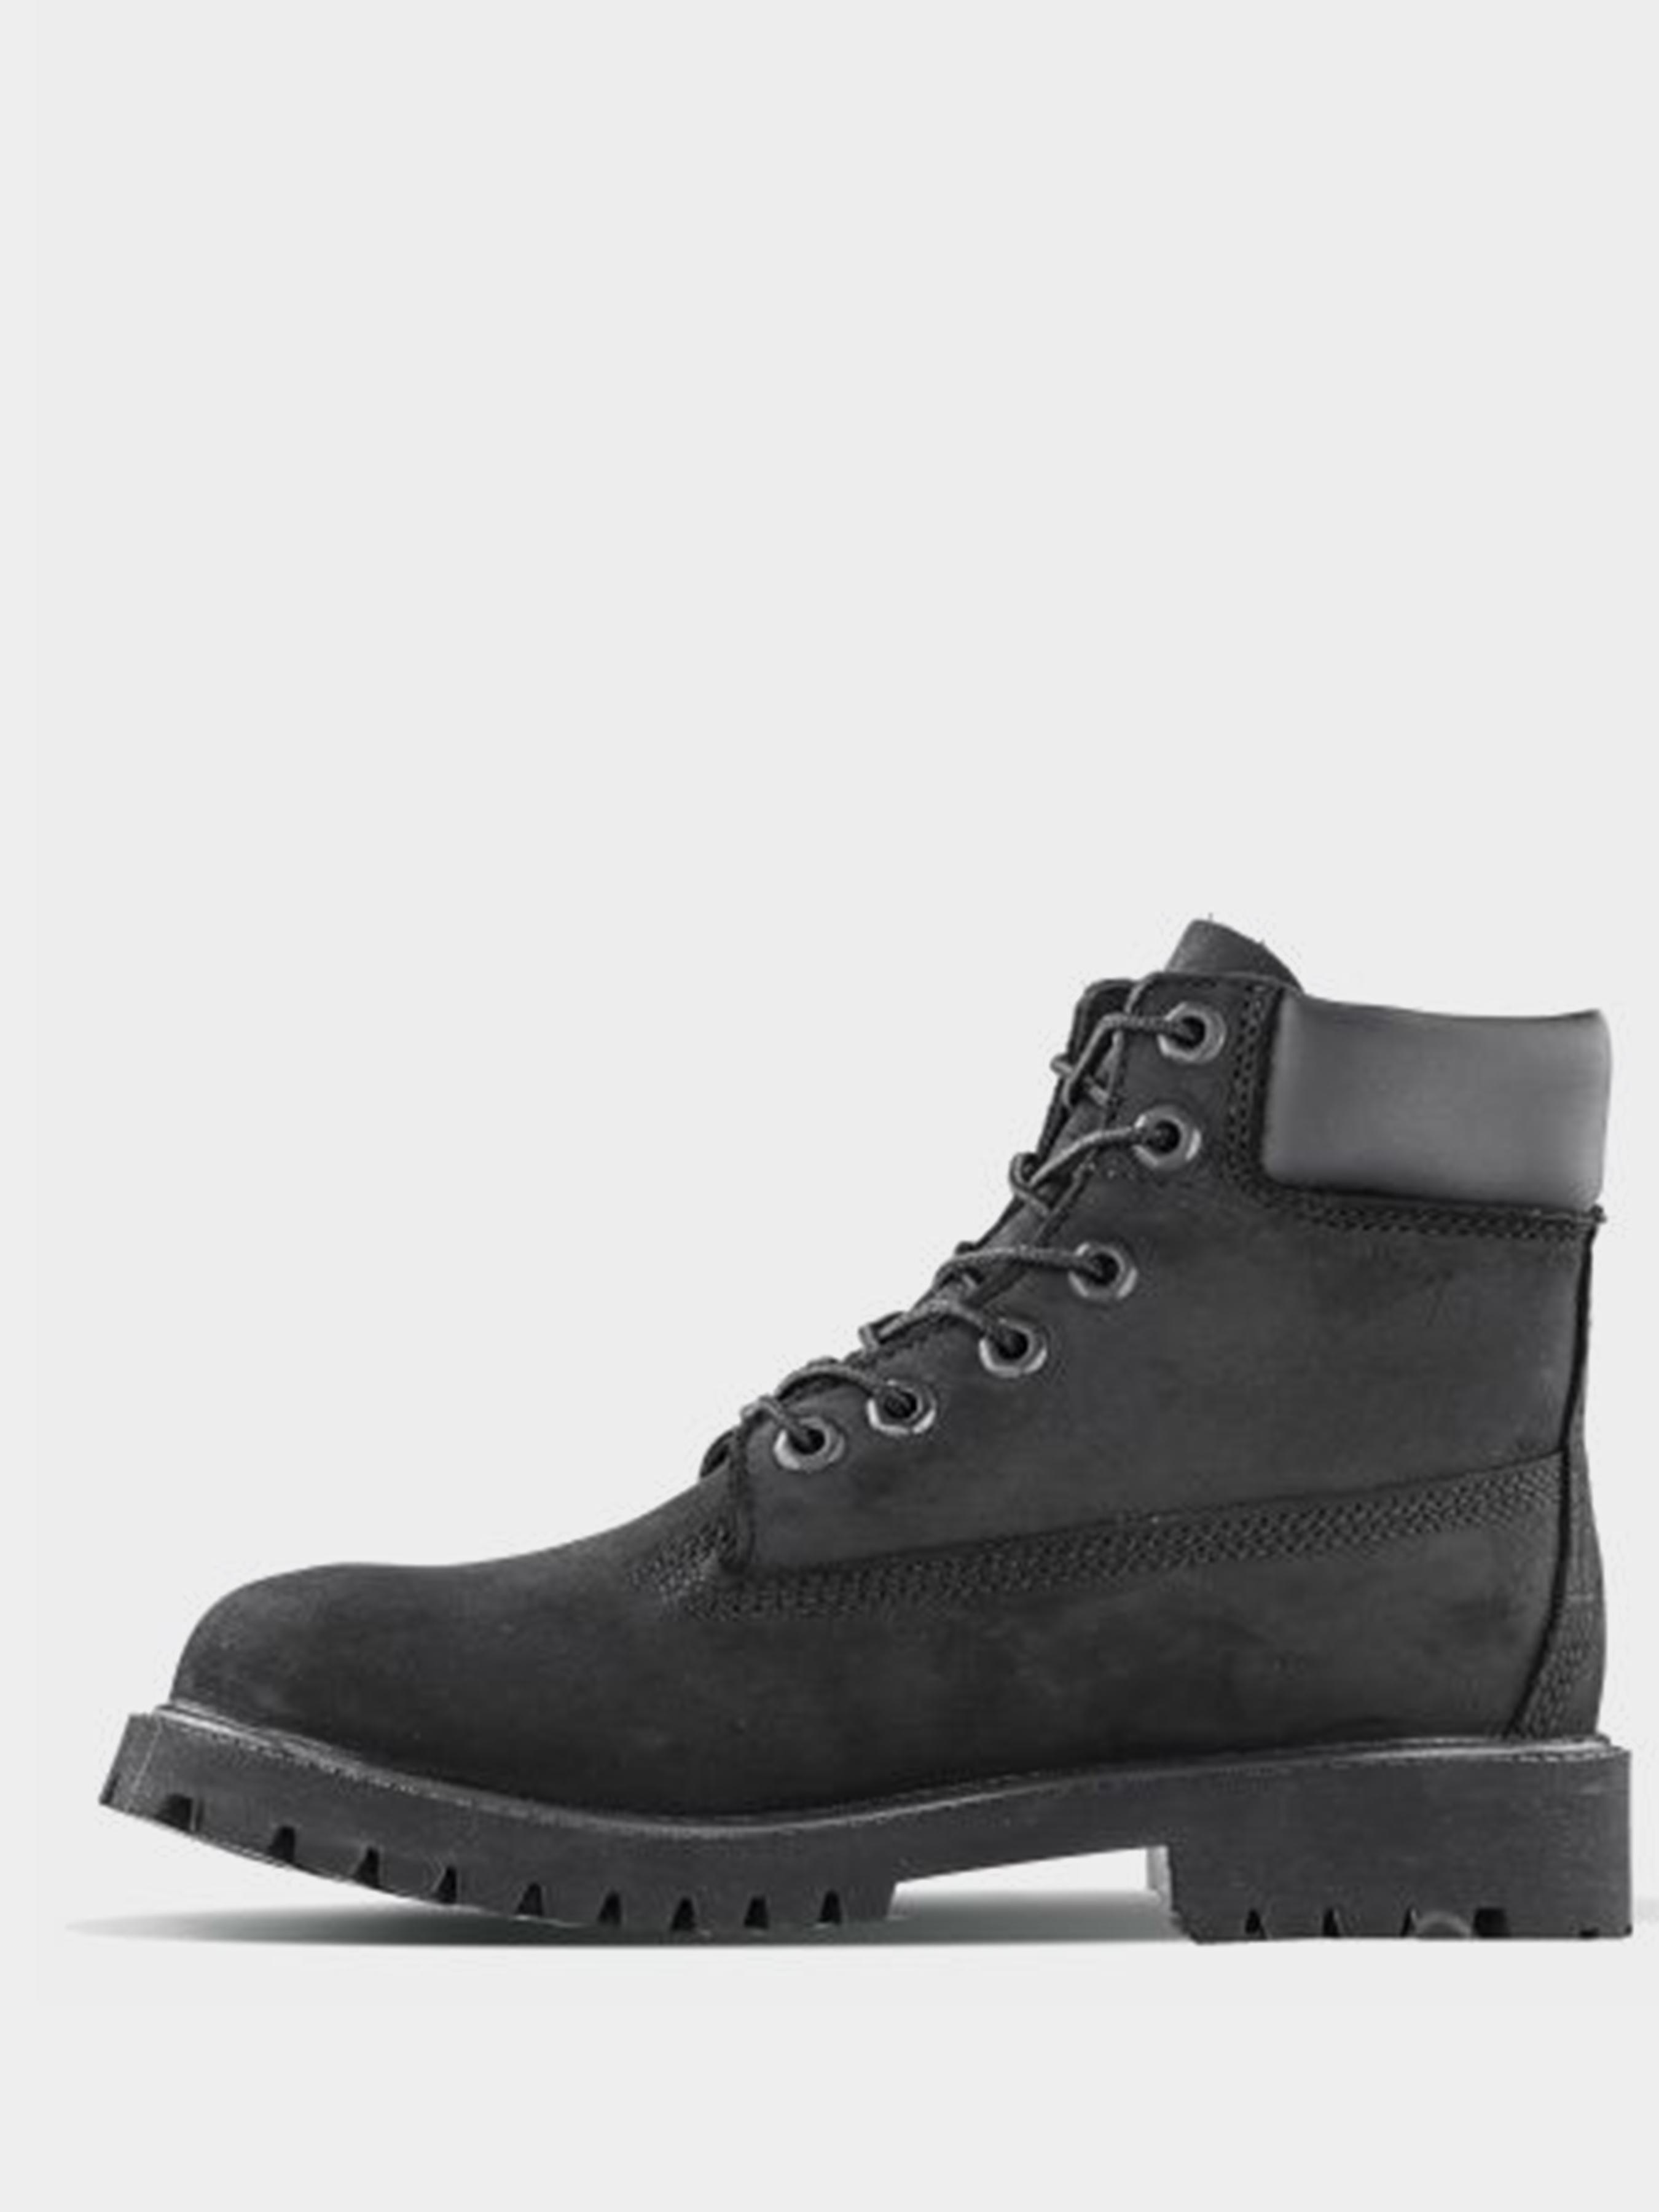 Ботинки для детей Timberland Timberland Premium TL1836 модная обувь, 2017